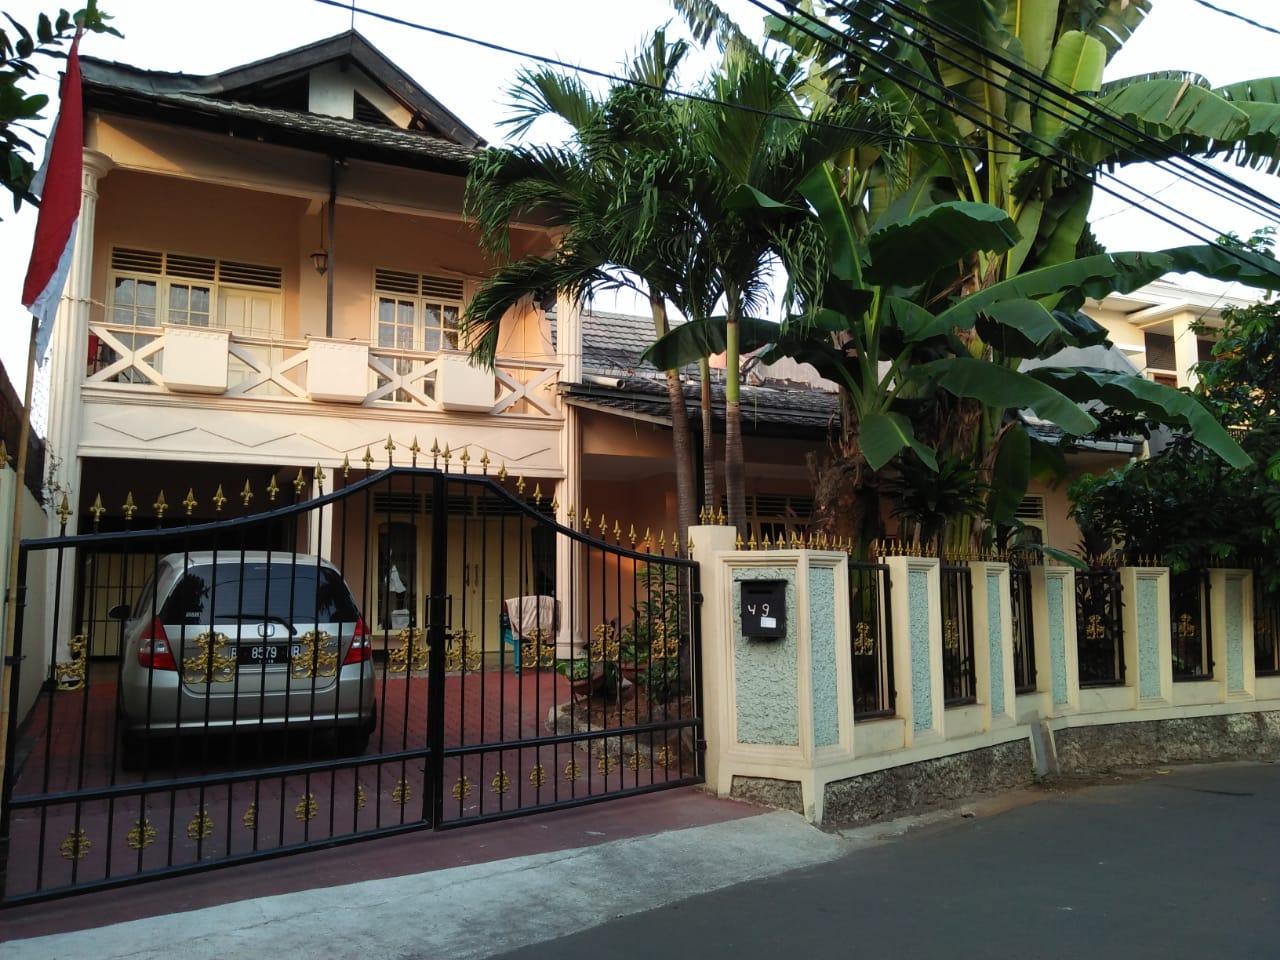 Rumah di daerah Rempoa